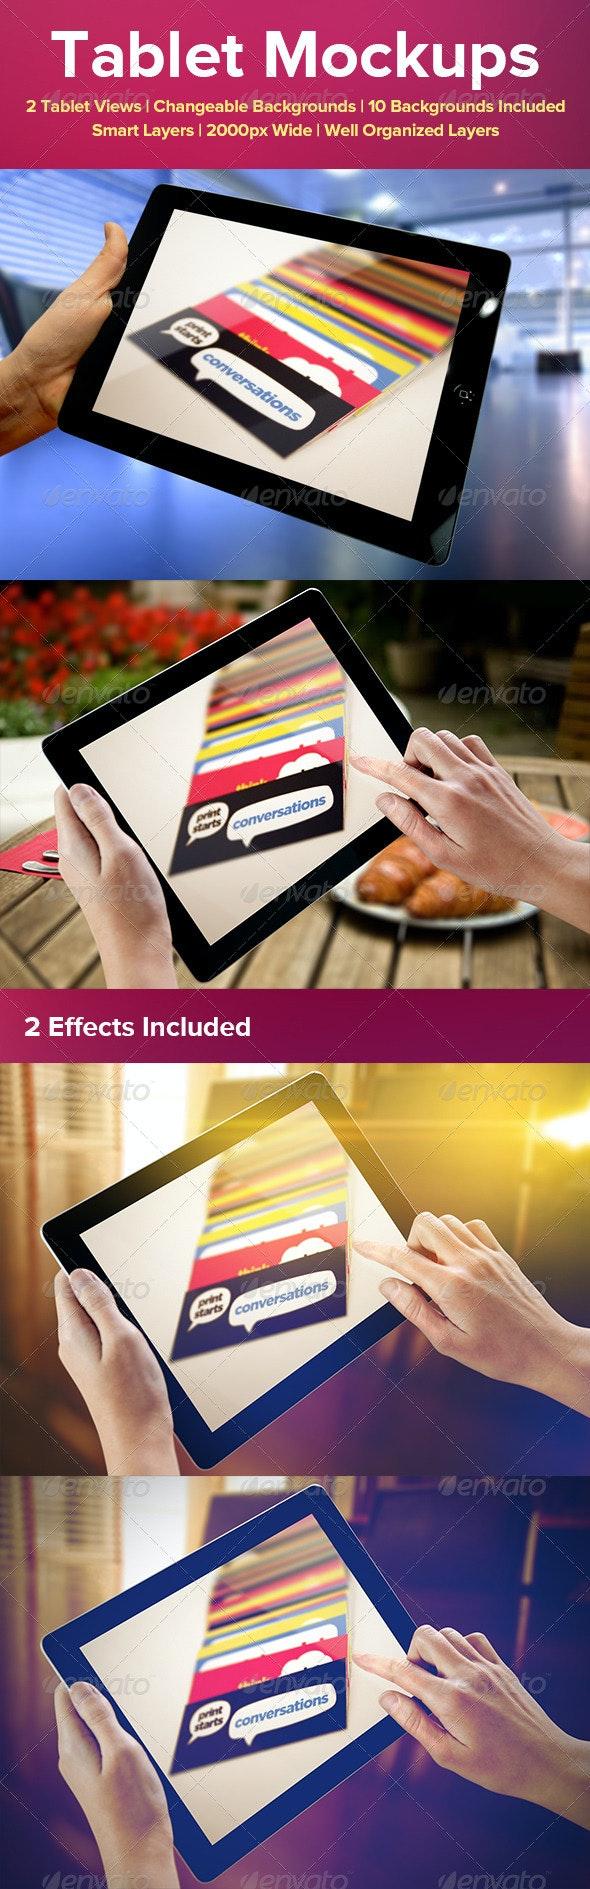 Tablet Mockups - Mobile Displays